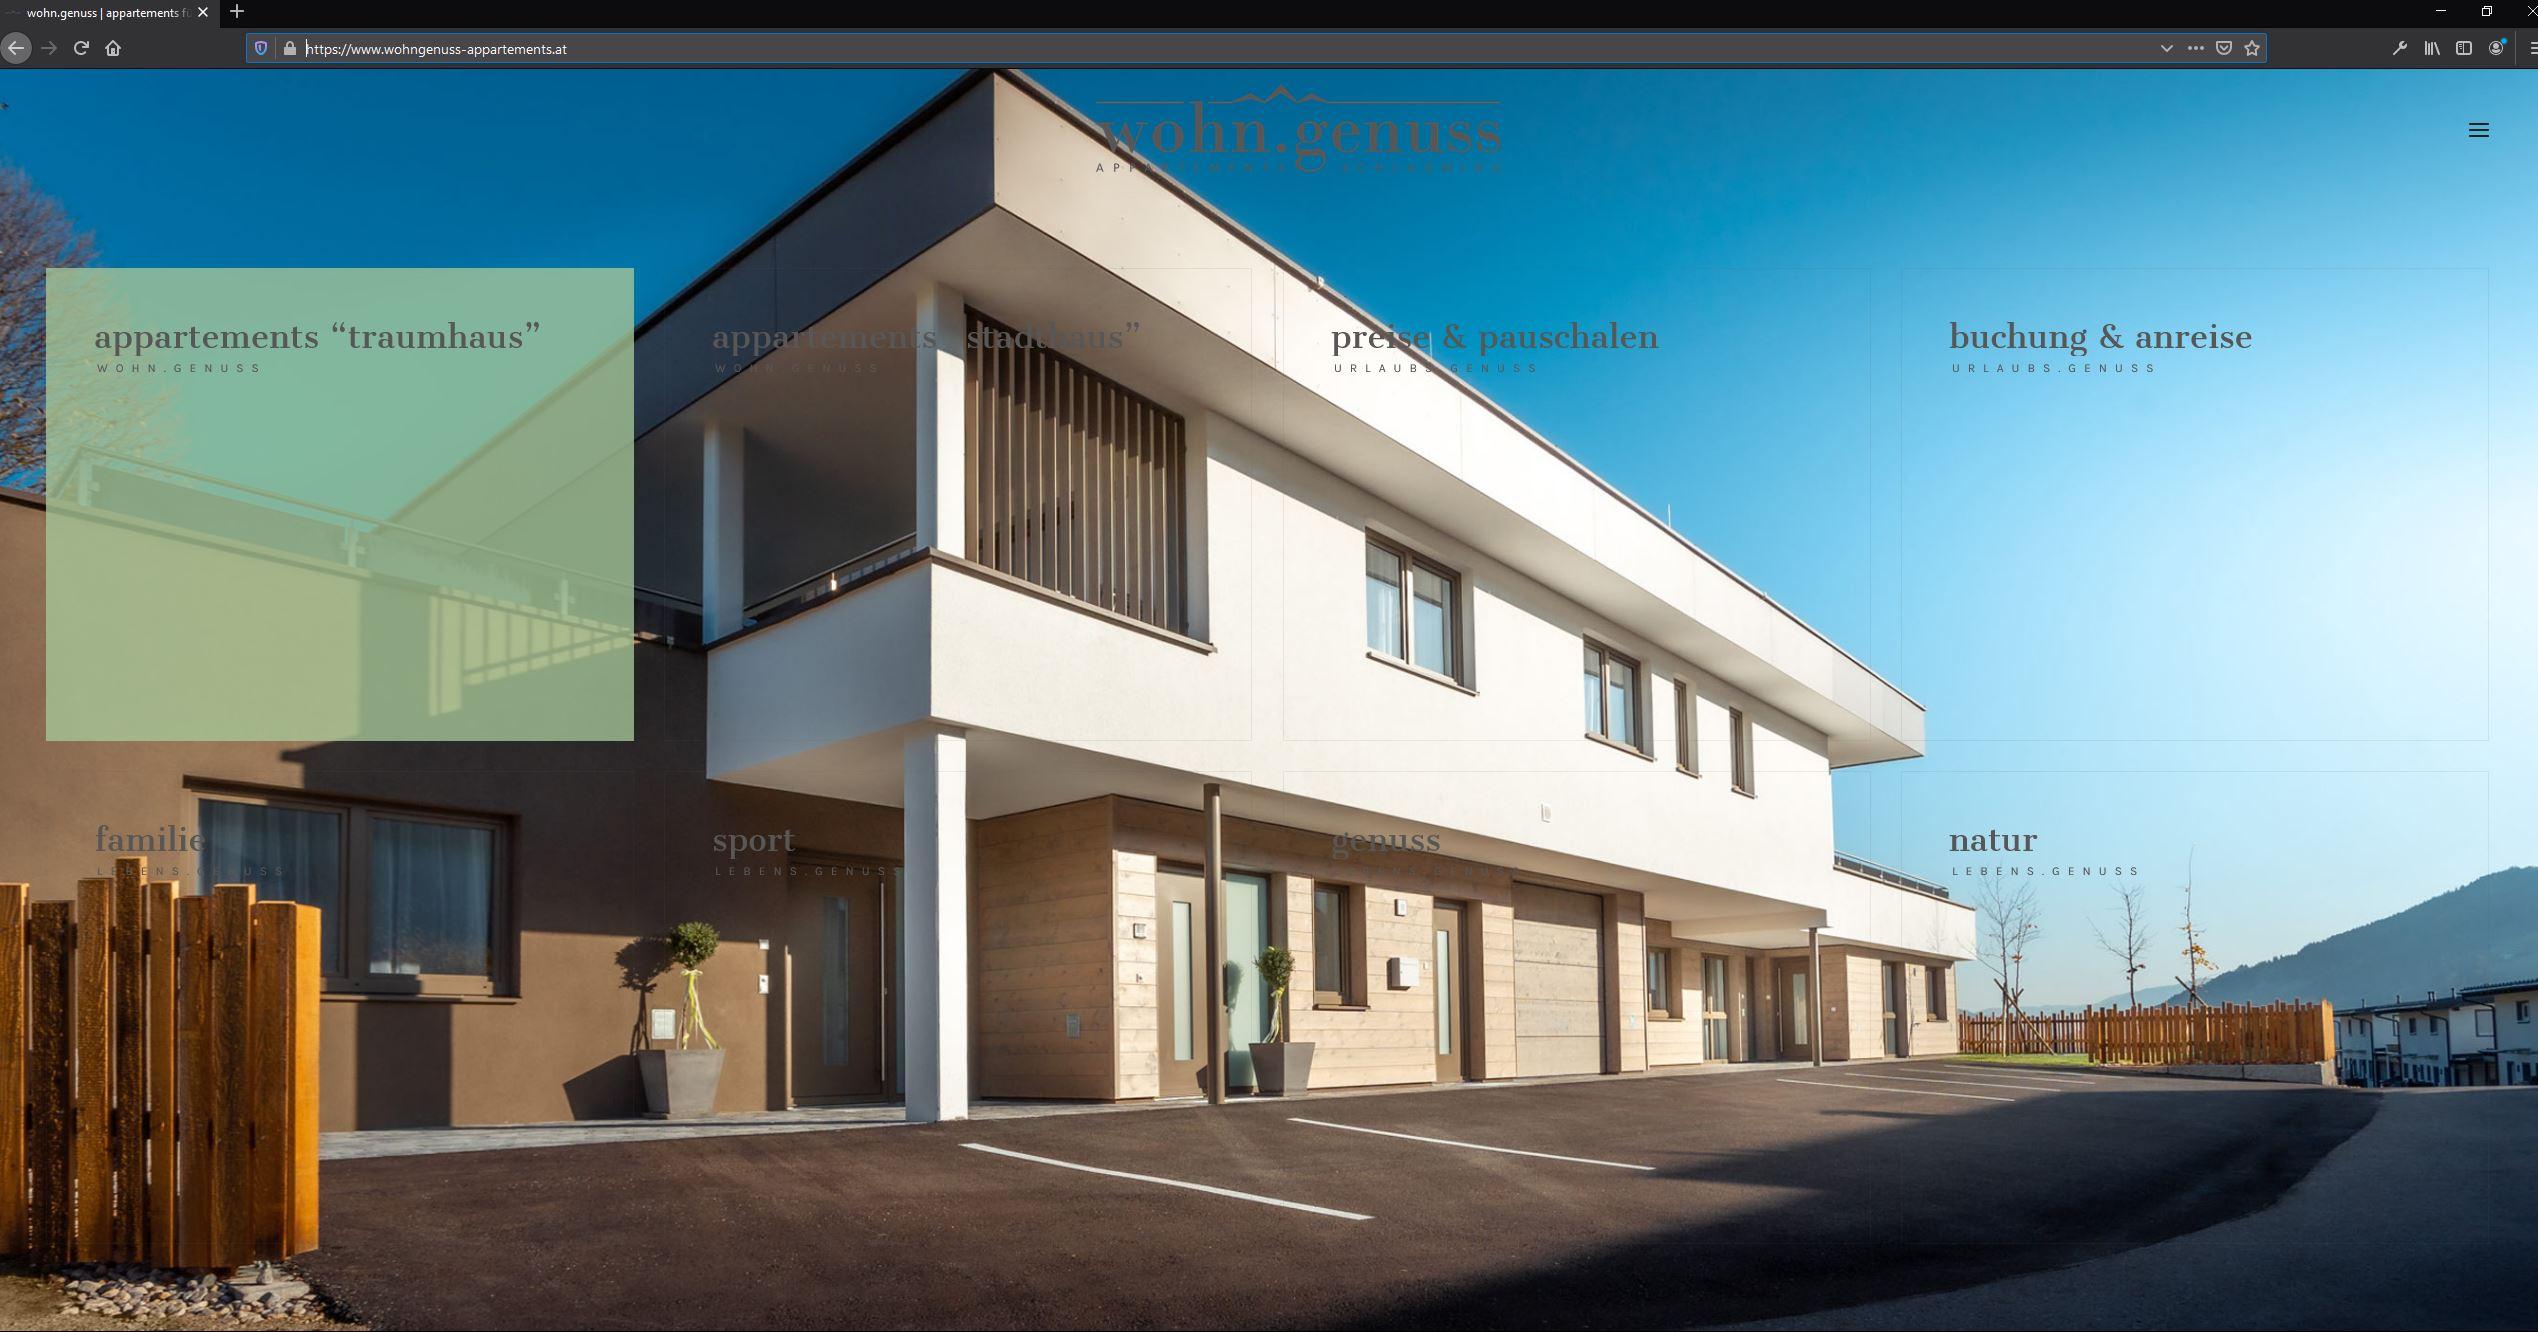 wohn.genuss appartements – Website